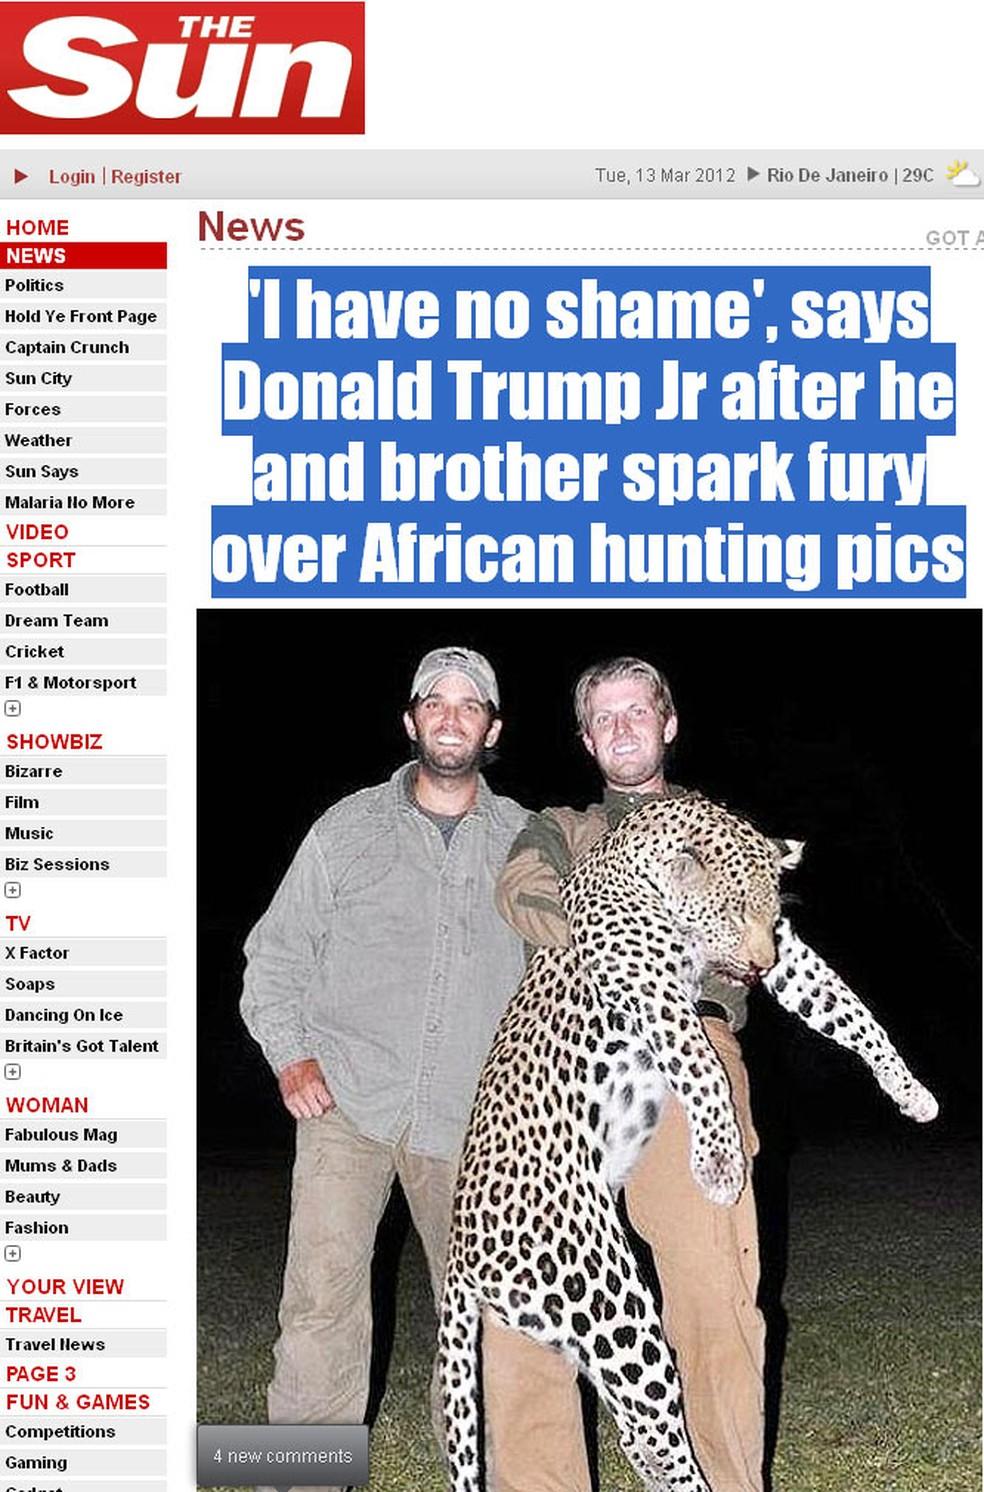 Os irmãos Trump, filhos do empresário norte-americano Donald Trump, em foto tirada com corpo de leopardo. Paixão pela caça provocou ira de organizações ambientais. (Foto: Reprodução)